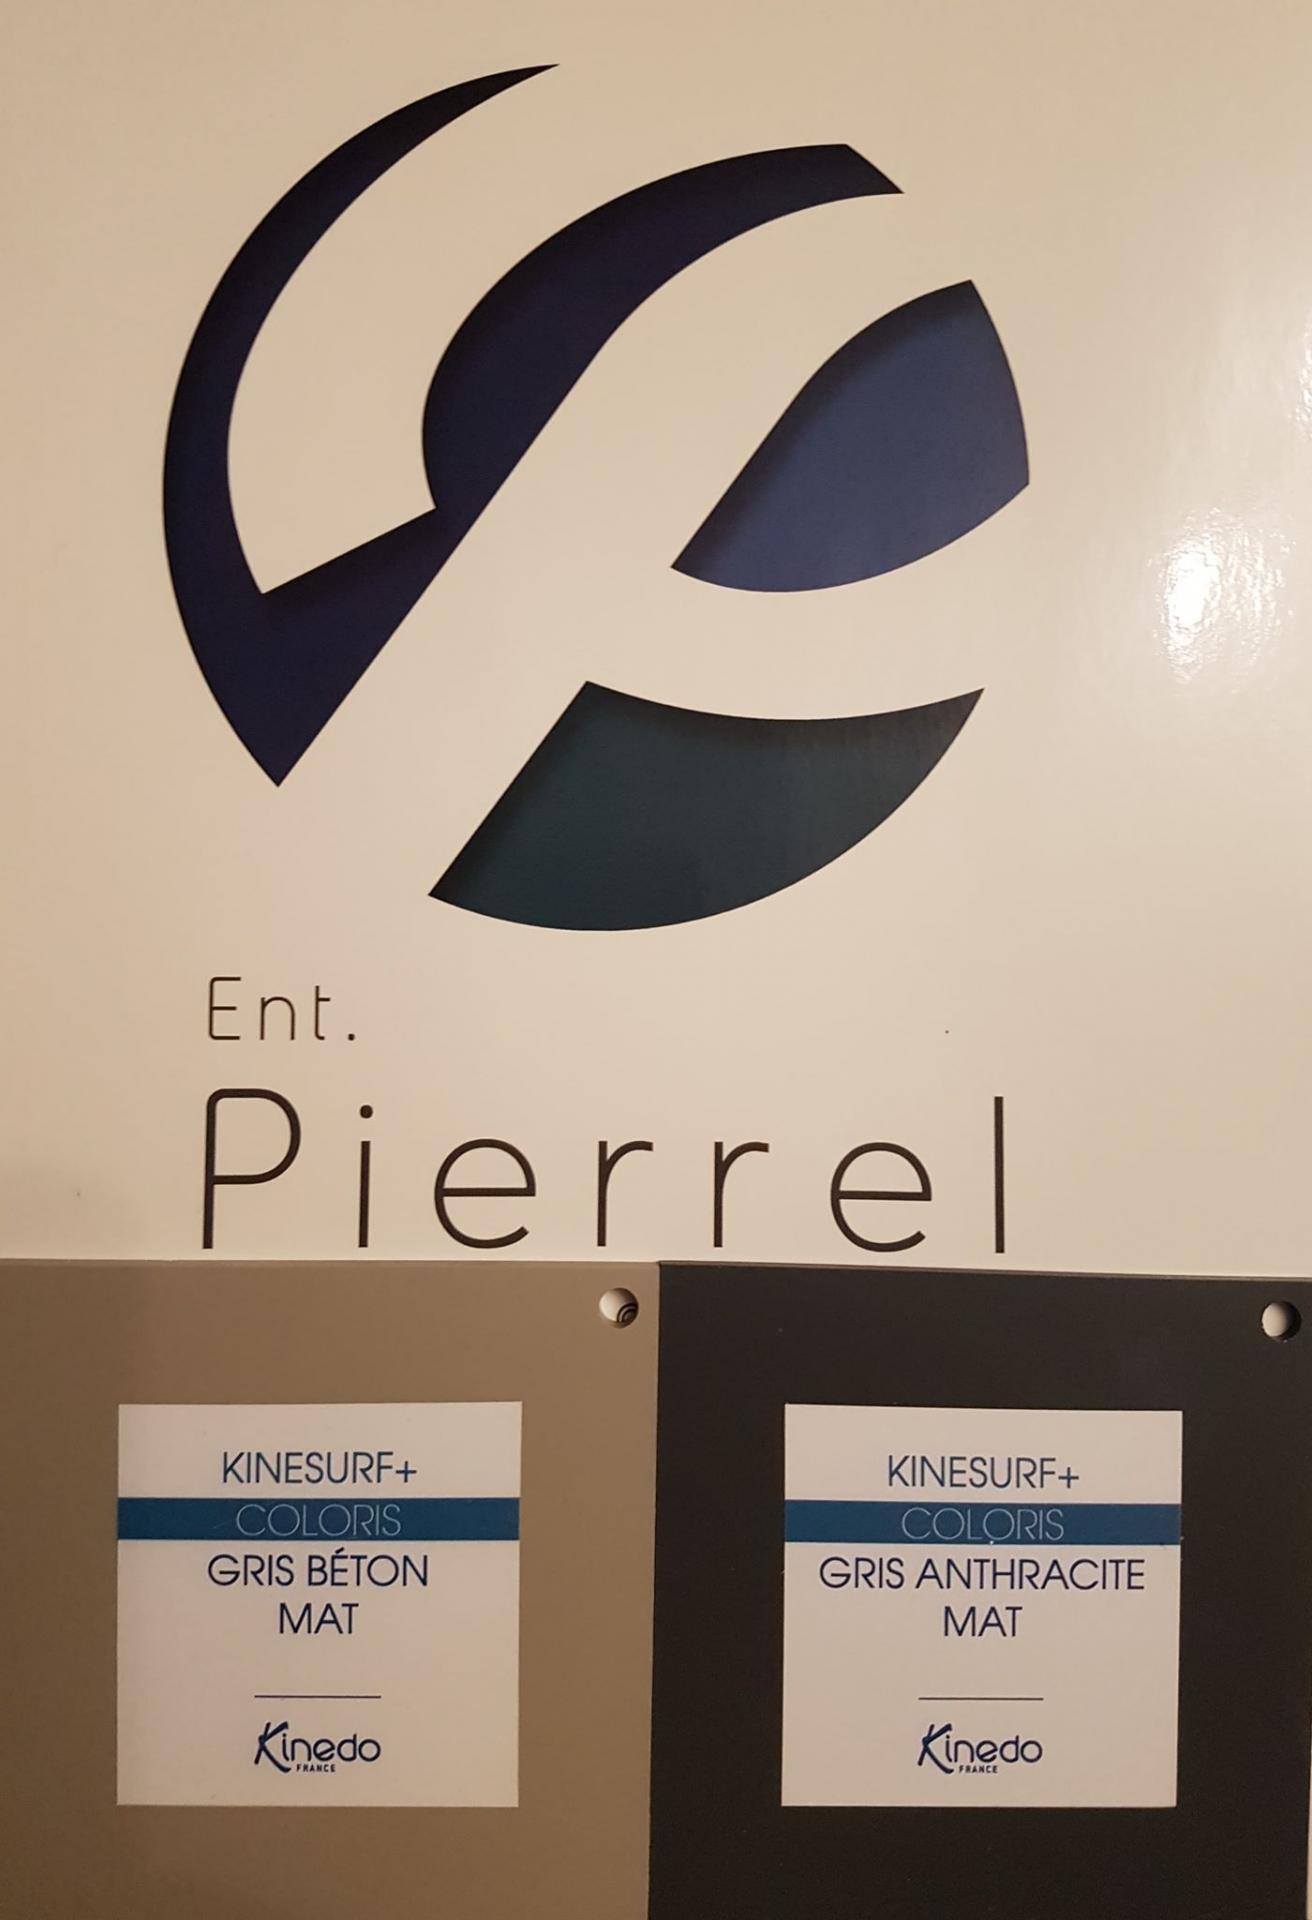 Receveur de douche Kinedo - Entreprise Pierrel 88100 Taintrux - Tél 03-29-55-42-99.